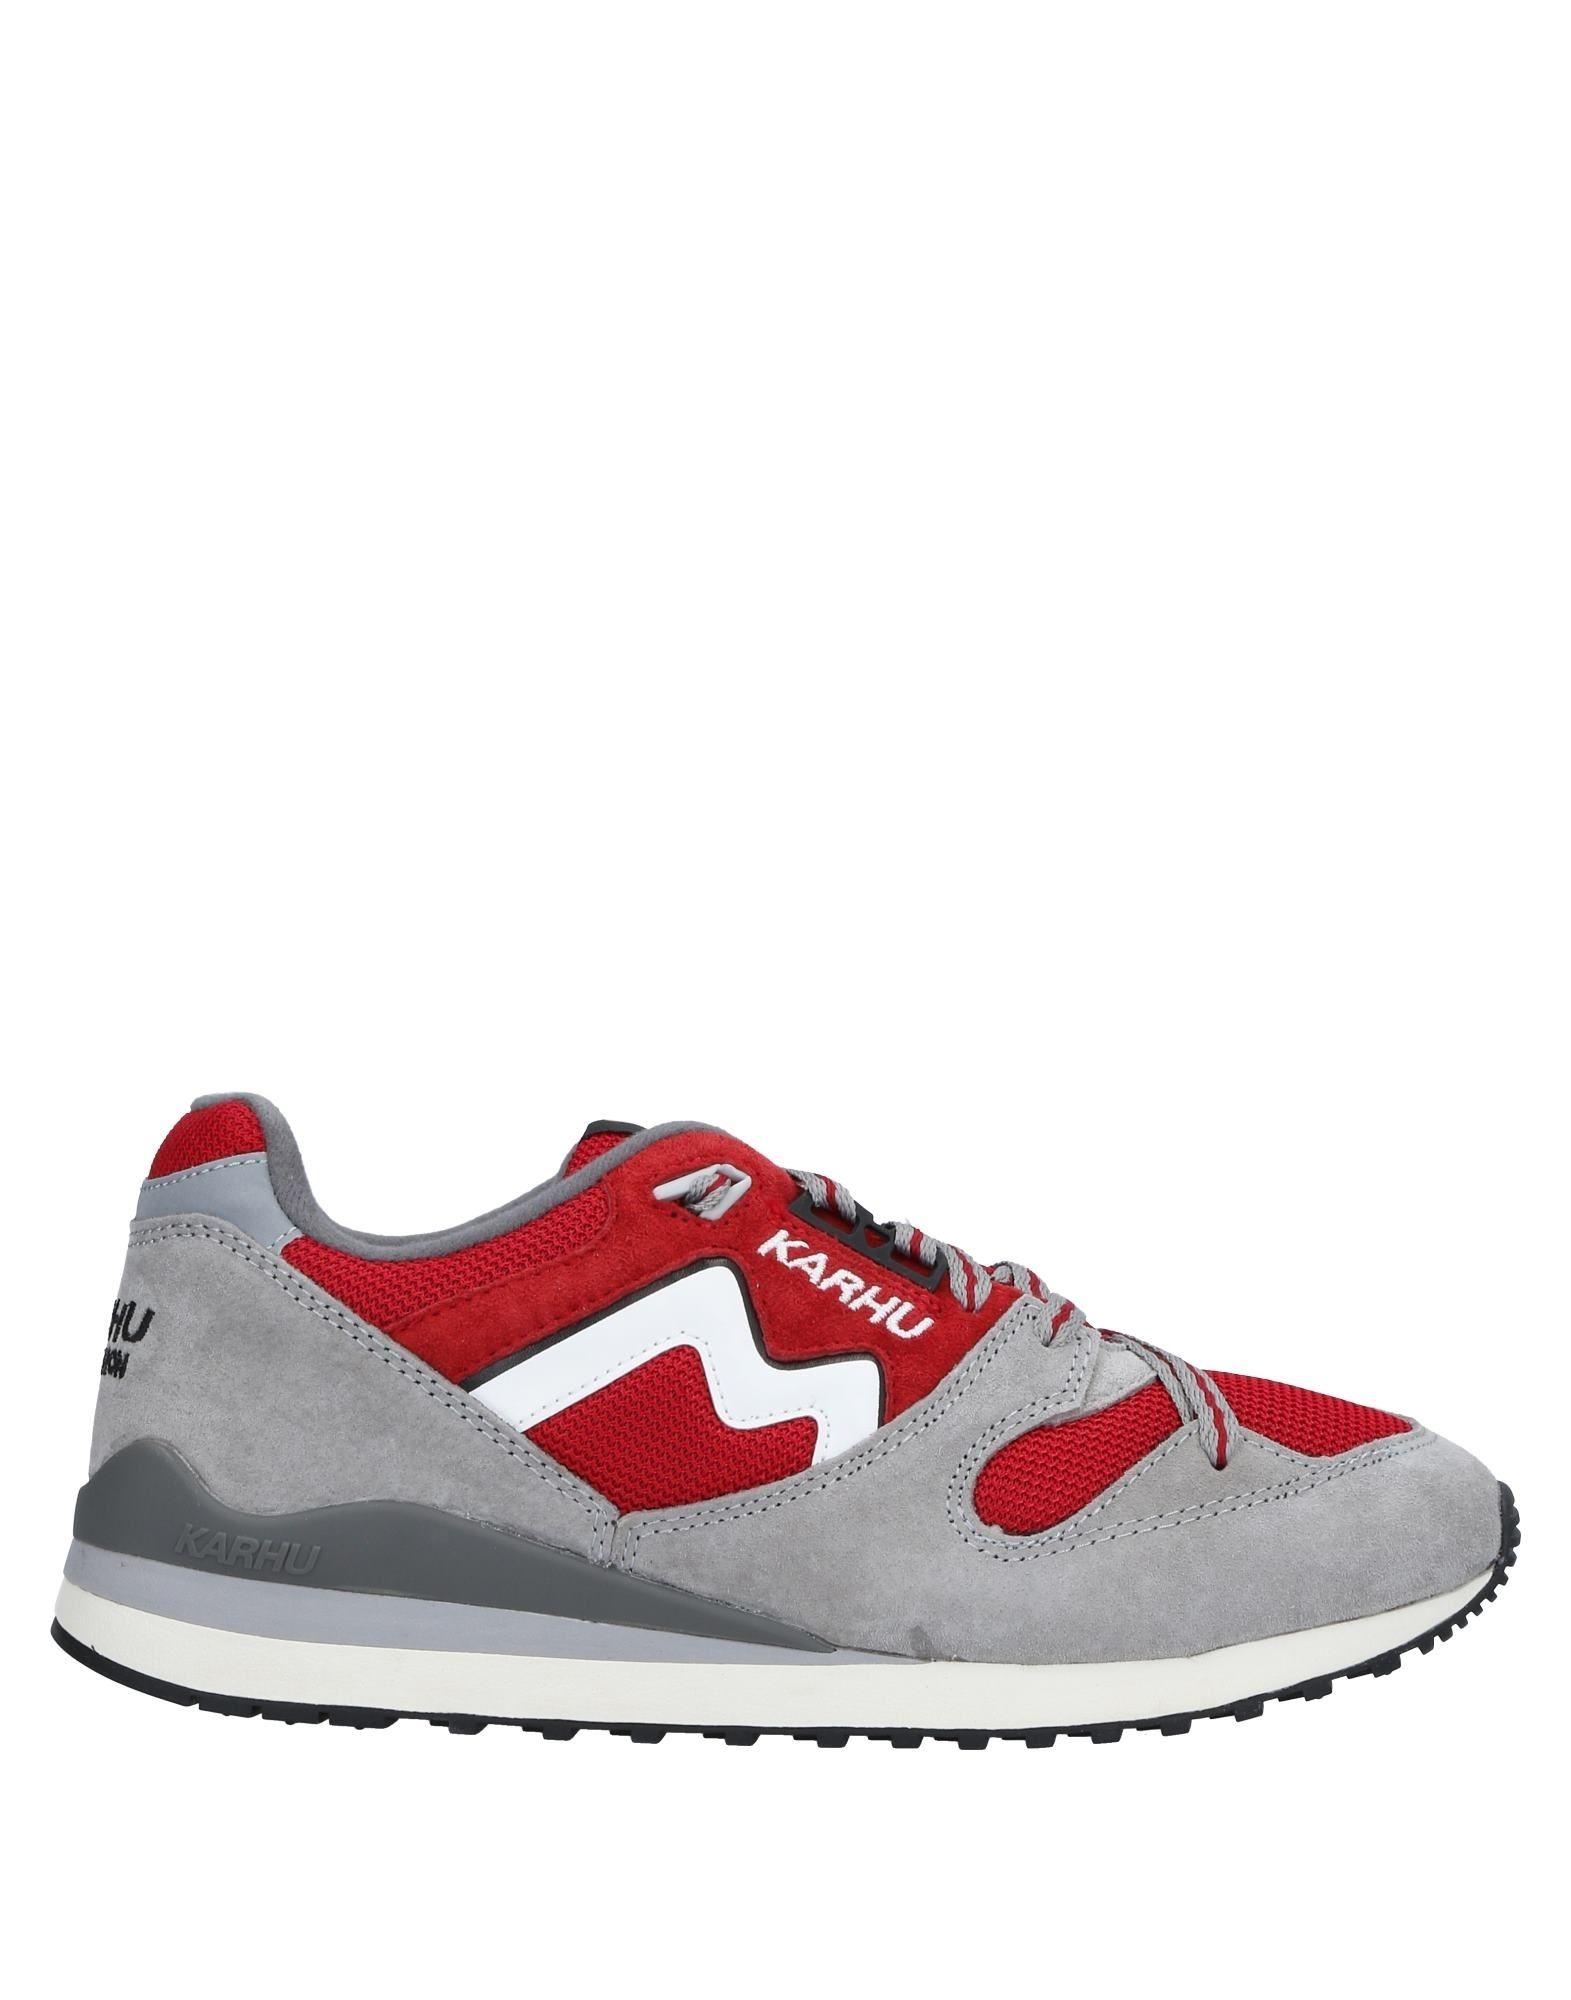 Sneakers Karhu Uomo - 11533895OM Scarpe economiche e buone